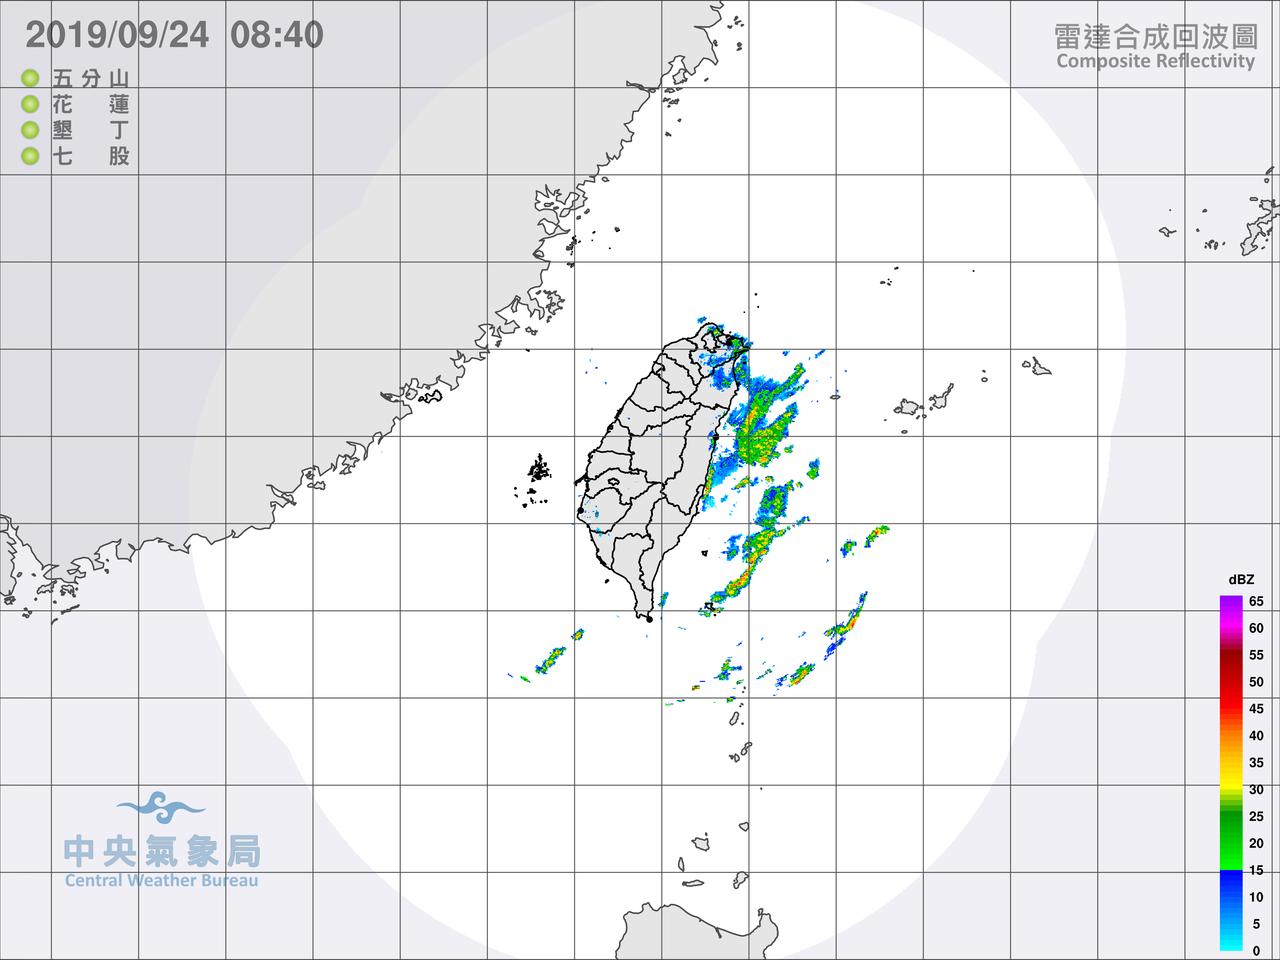 各地天氣穩定,但晚間北部、東半部要留意局部大雨。圖/氣象局提供